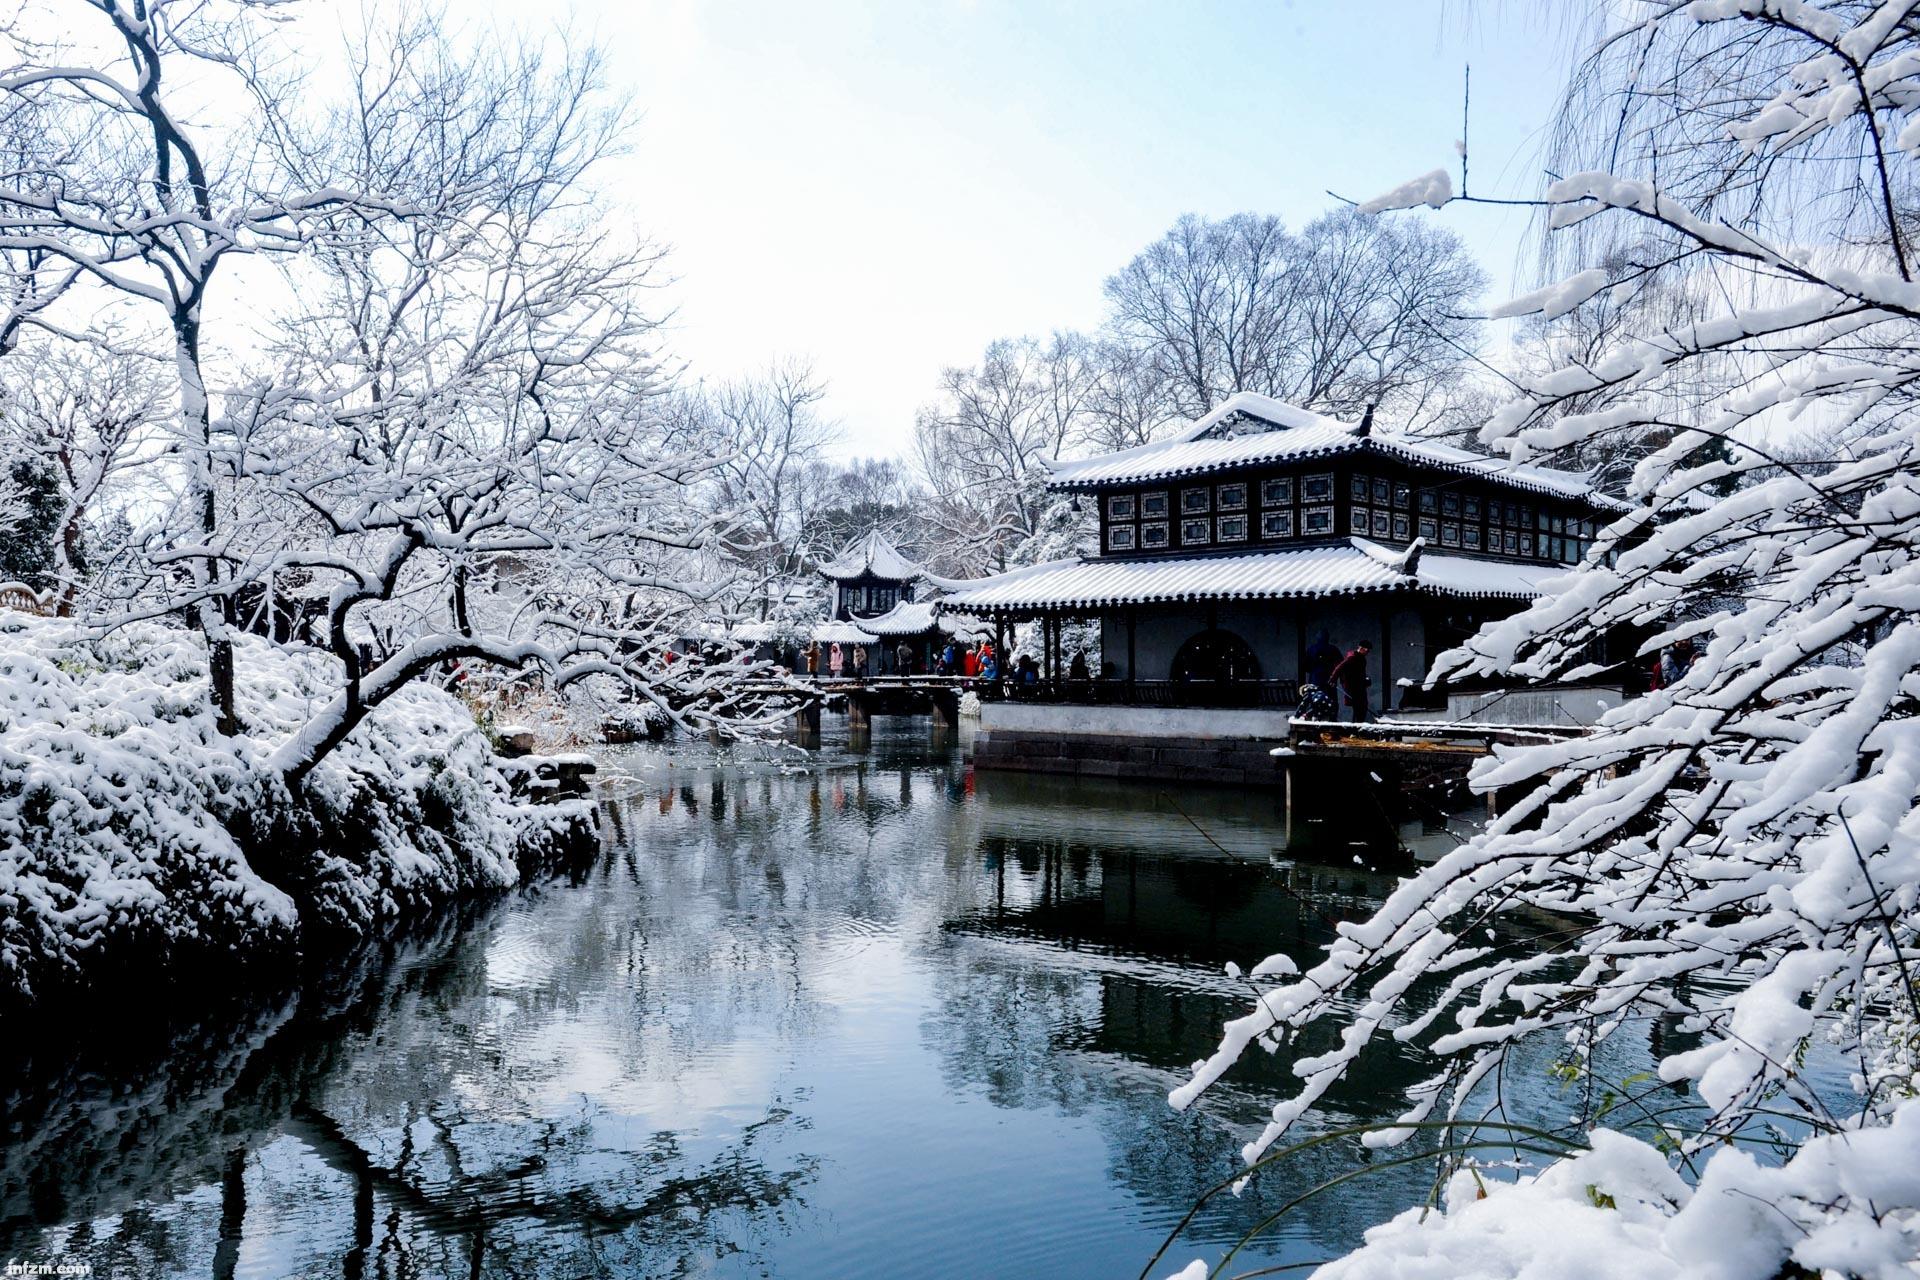 这是2018年1月26日拍摄的苏州古典园林拙政园雪景.